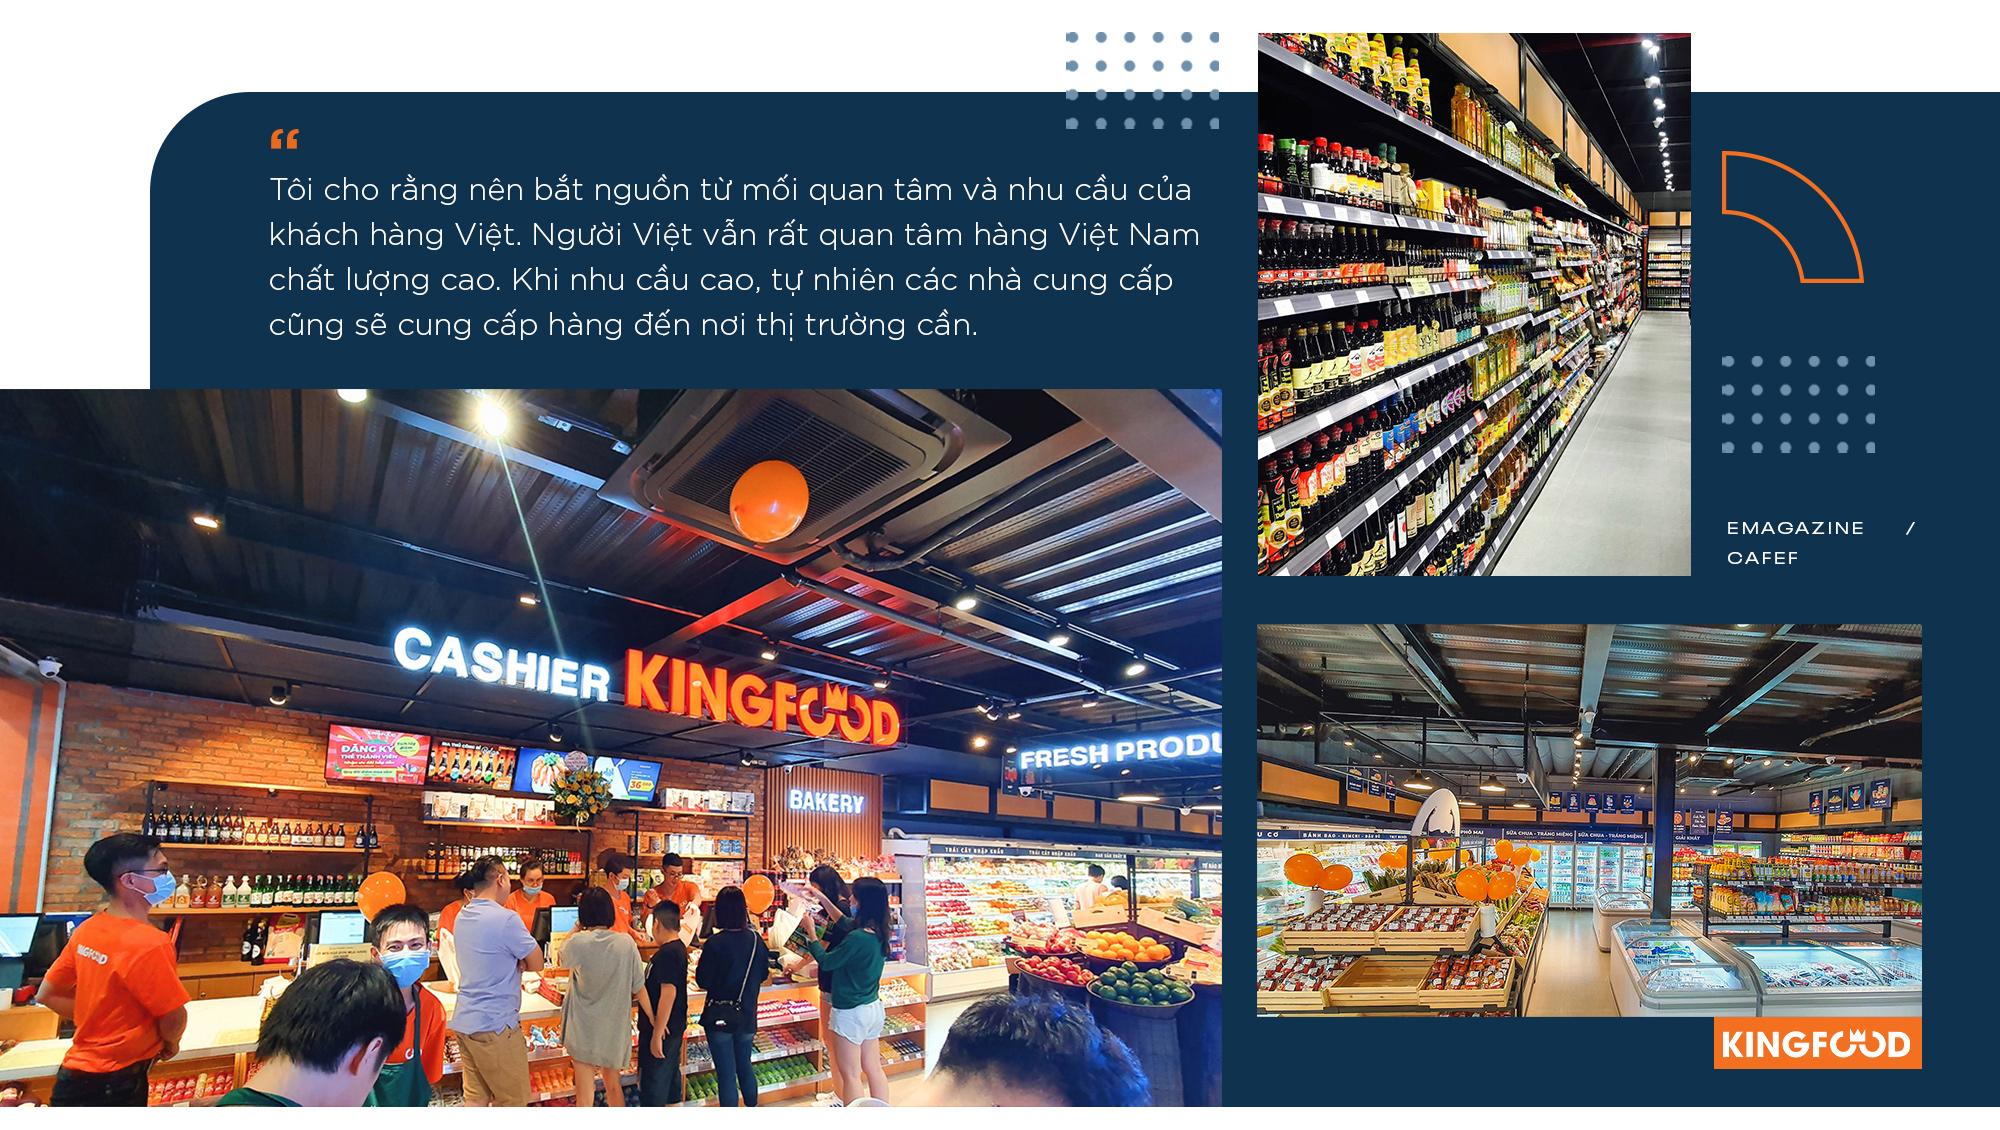 New retail đã đưa Kingfood Mart tăng trưởng 400% trong đại dịch như thế nào? - Ảnh 8.